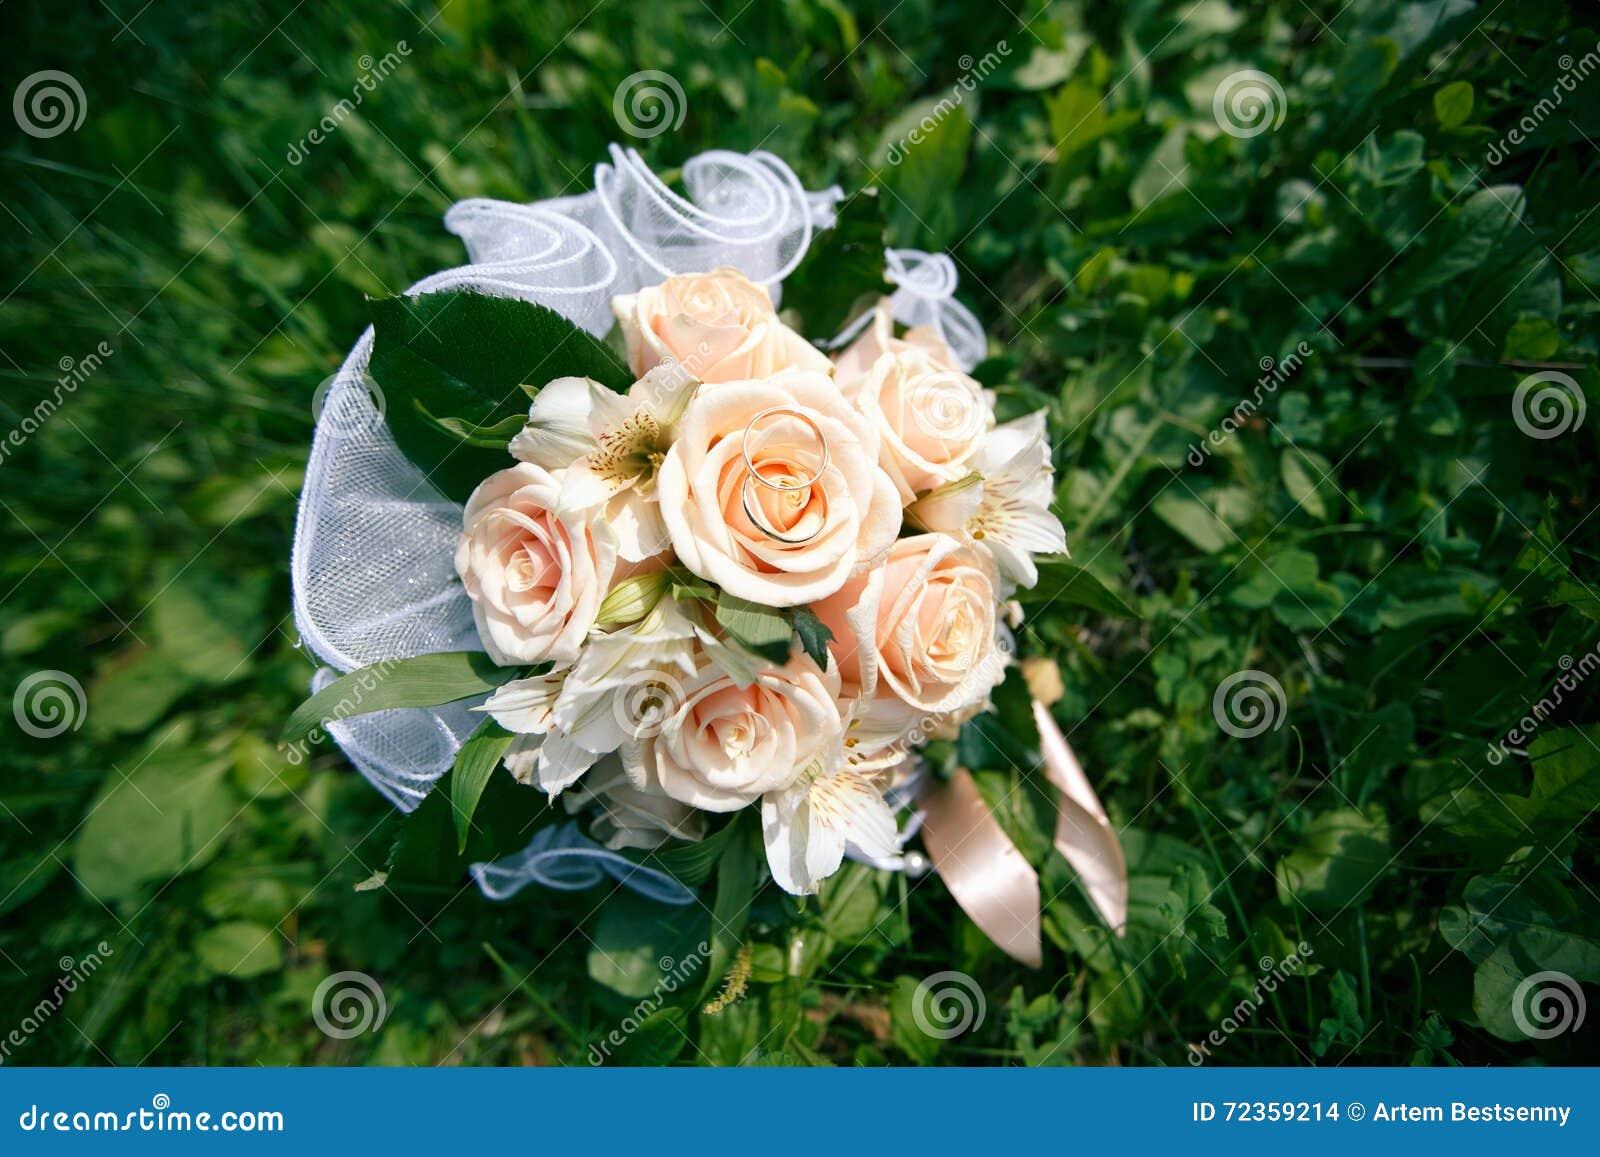 从桃色的玫瑰的婚礼花束